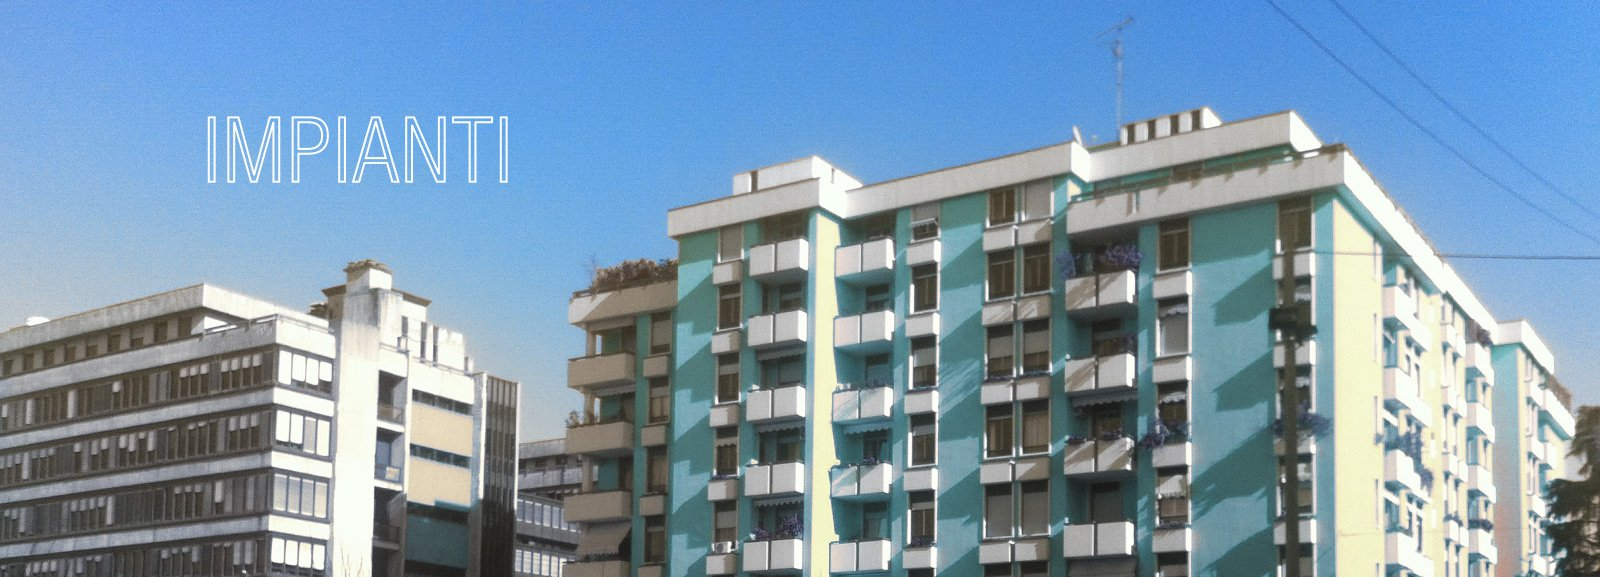 Comprare casa impianti a norma e certificazione - Impianti sicurezza casa ...